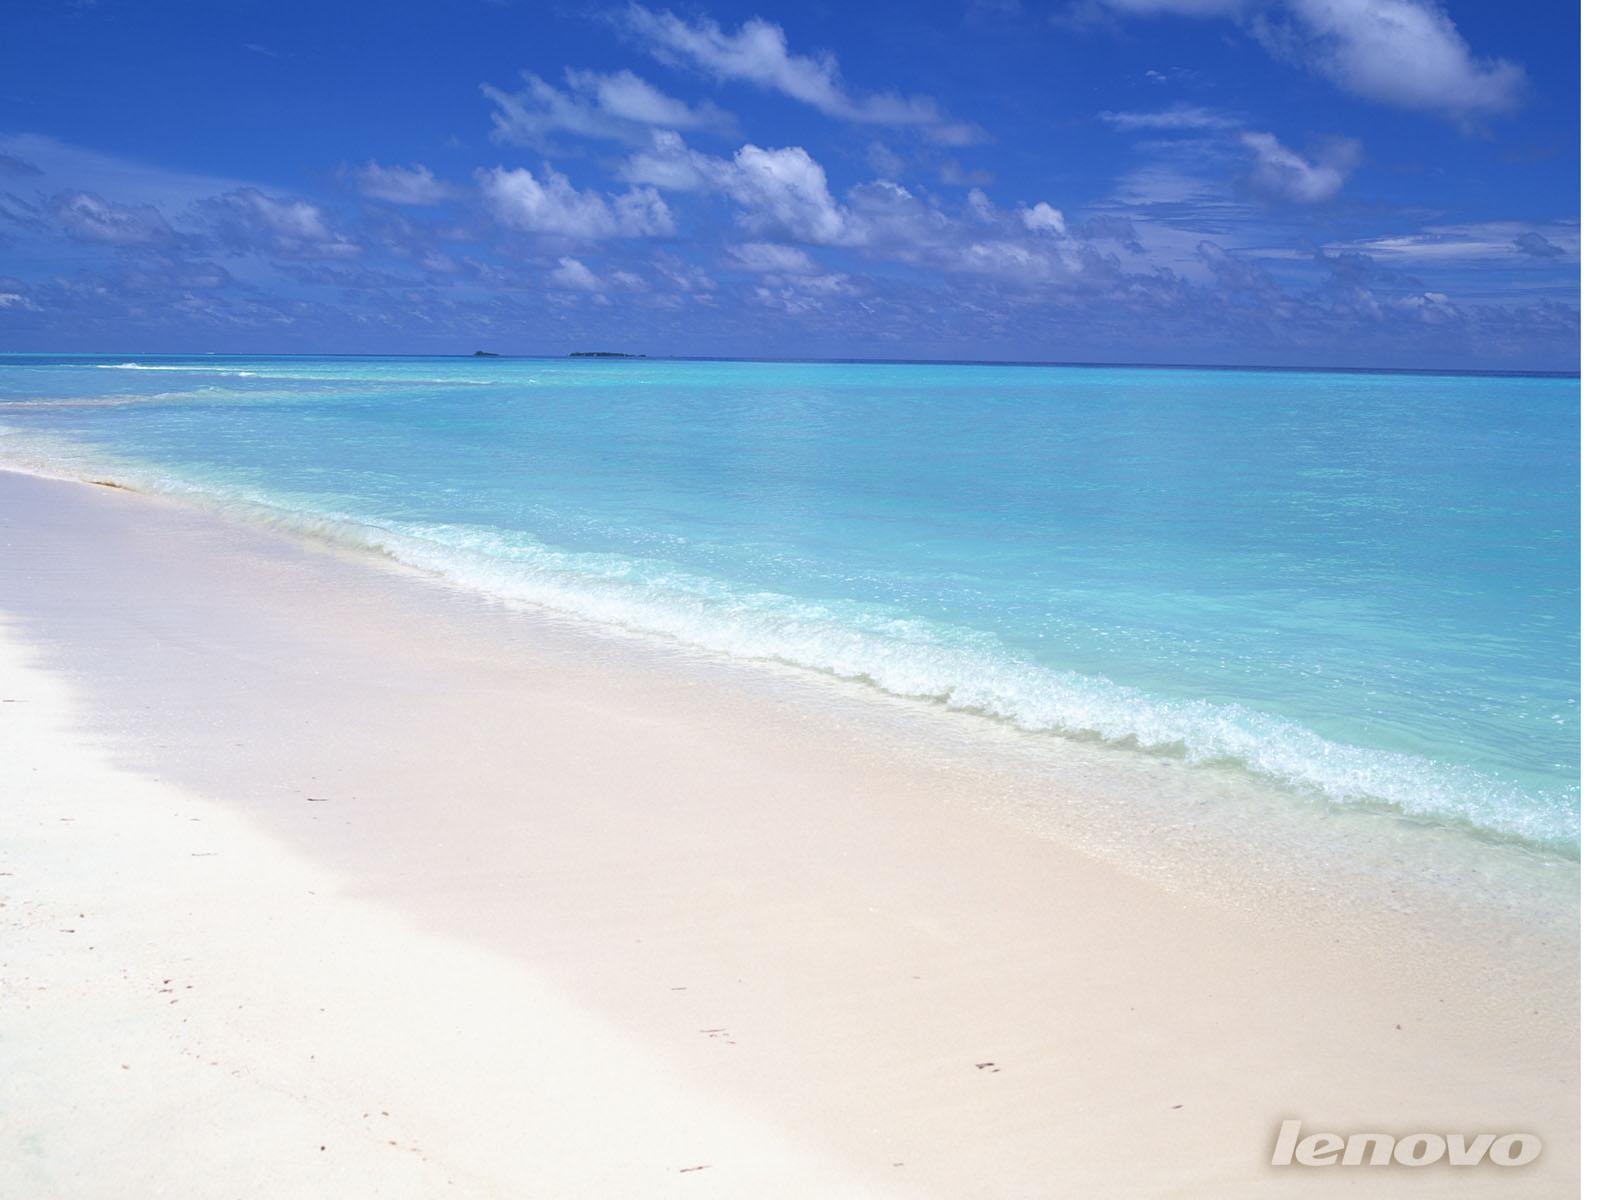 马尔代夫风景图片壁纸桌面背景图片高清桌面壁纸